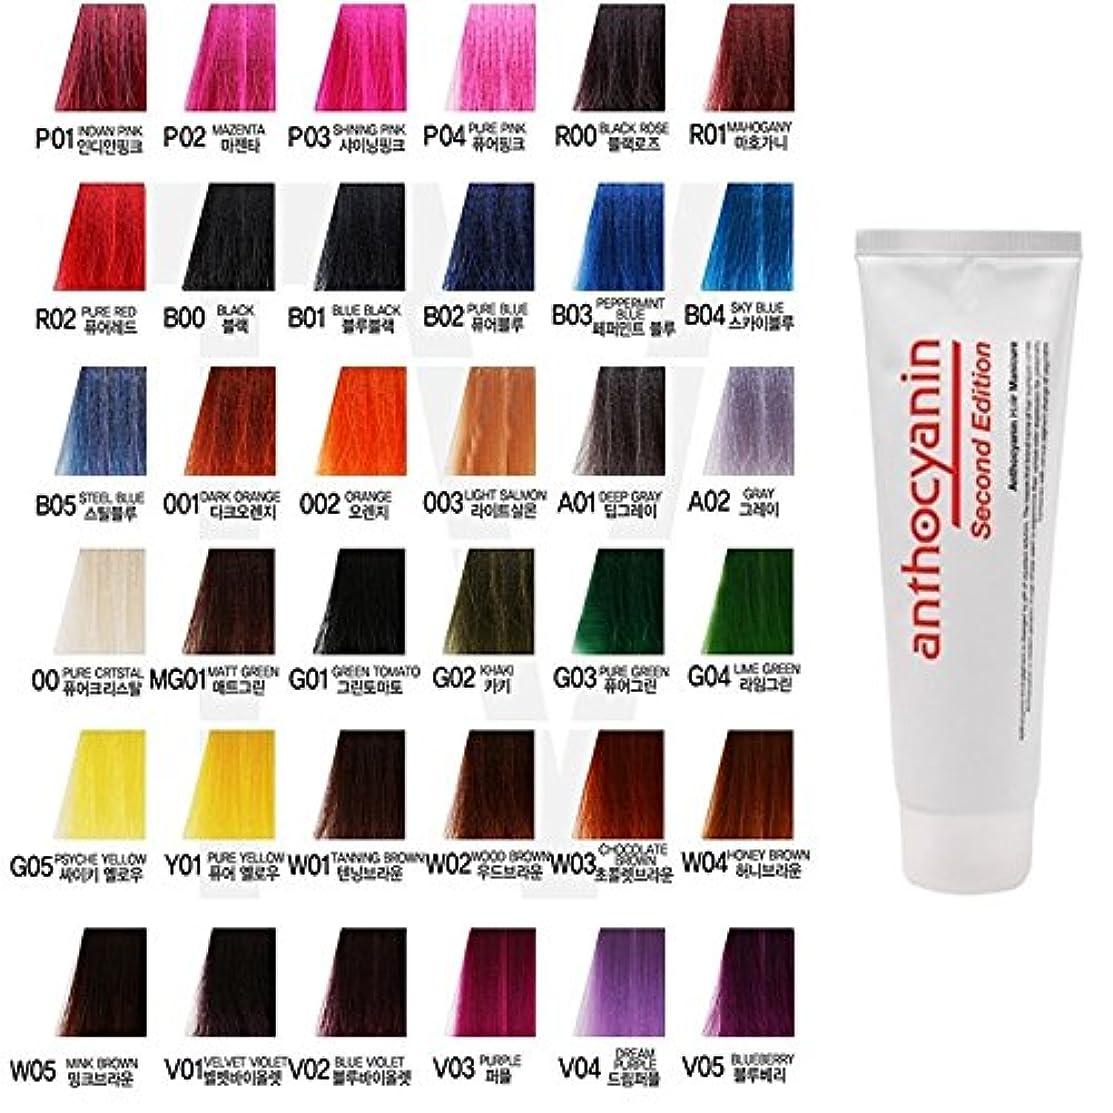 取り戻す石の溝ヘア マニキュア カラー セカンド エディション 230g セミ パーマネント 染毛剤 ( Hair Manicure Color Second Edition 230g Semi Permanent Hair Dye) [並行輸入品] (004 Pure Crystal)